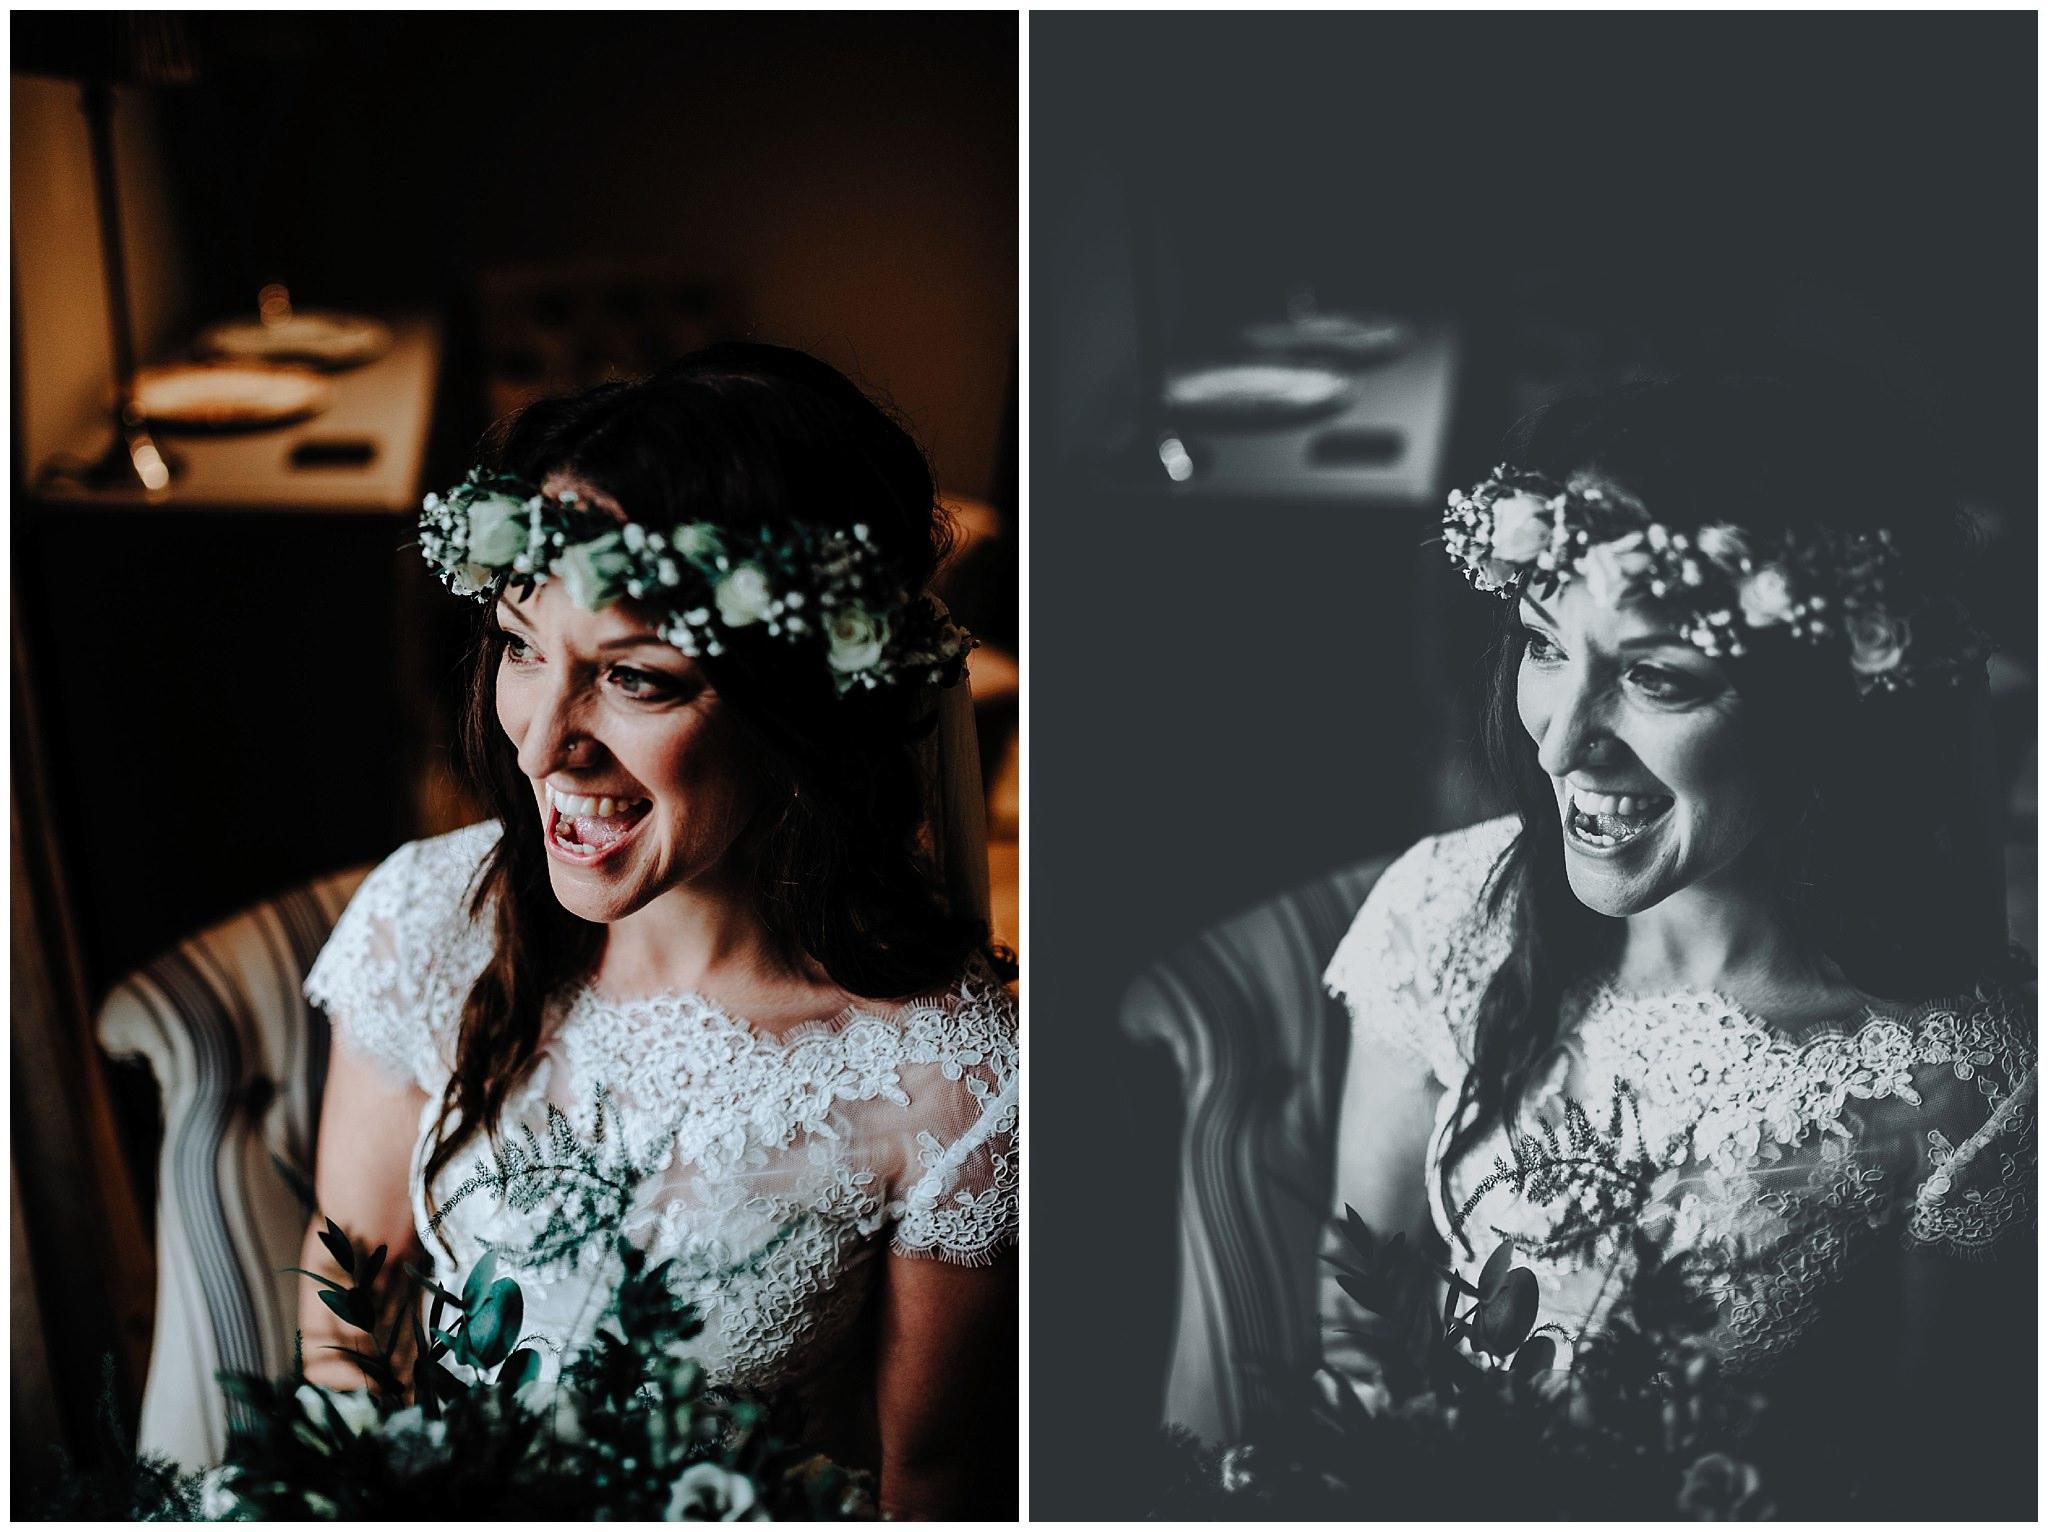 Bridal portraits at Bodnant Welsh Food Centre